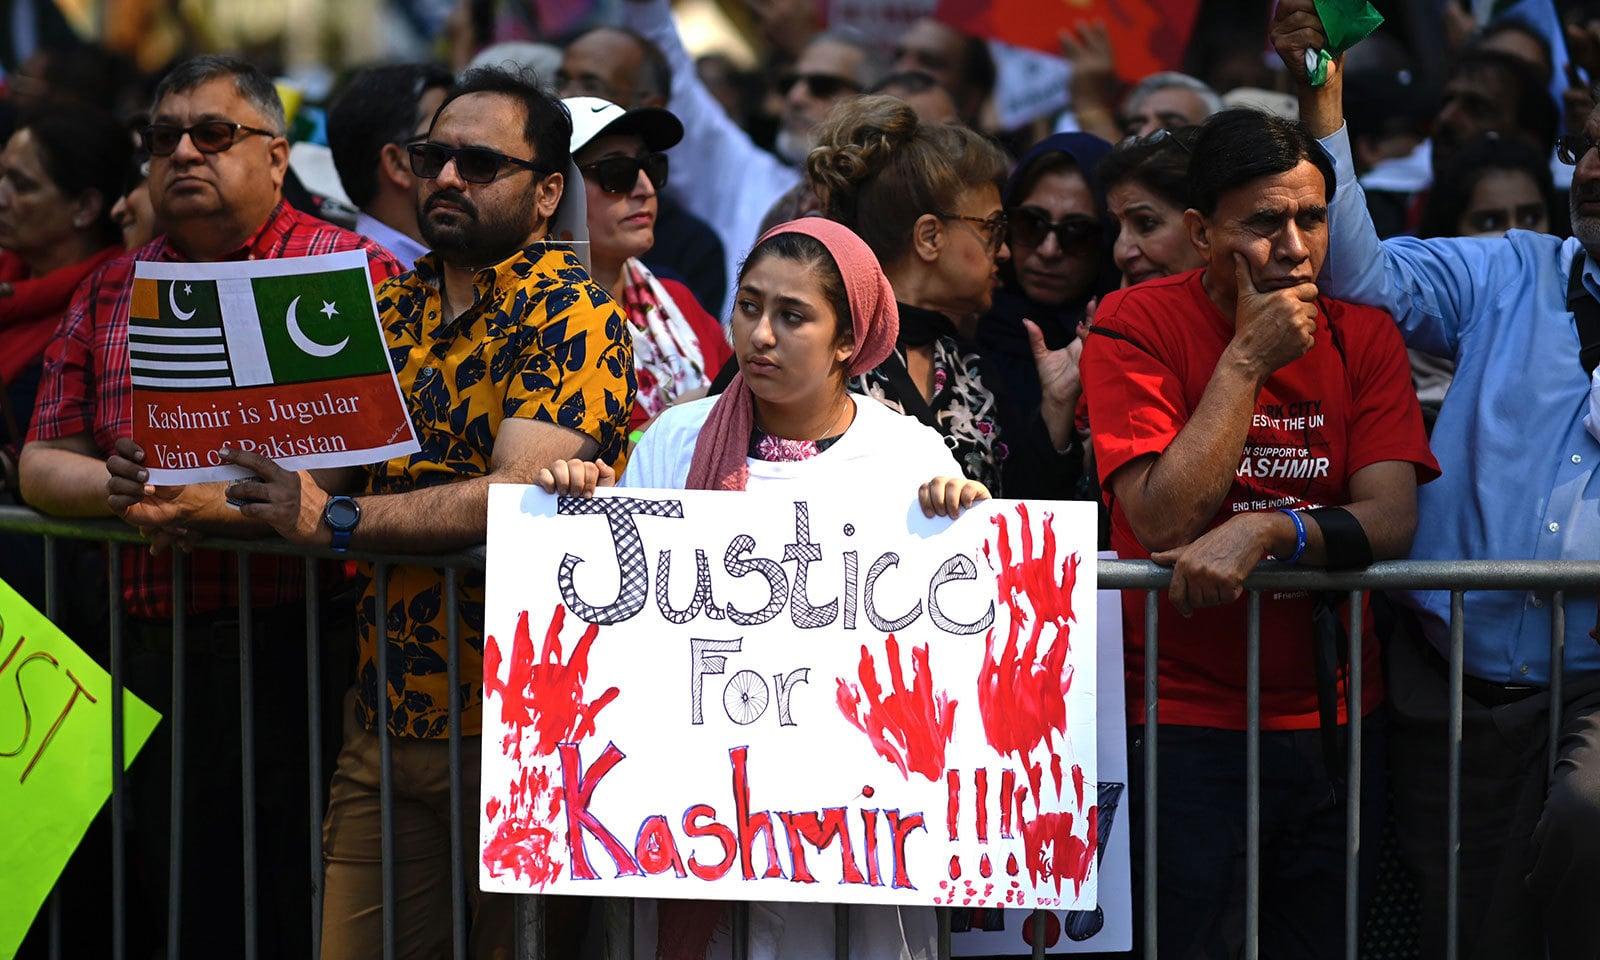 مظاہرین نے مقبوضہ کشمیر میں بھارتی مظالم کے خلاف نعرے لگائے—فوٹو:اے ایف پی